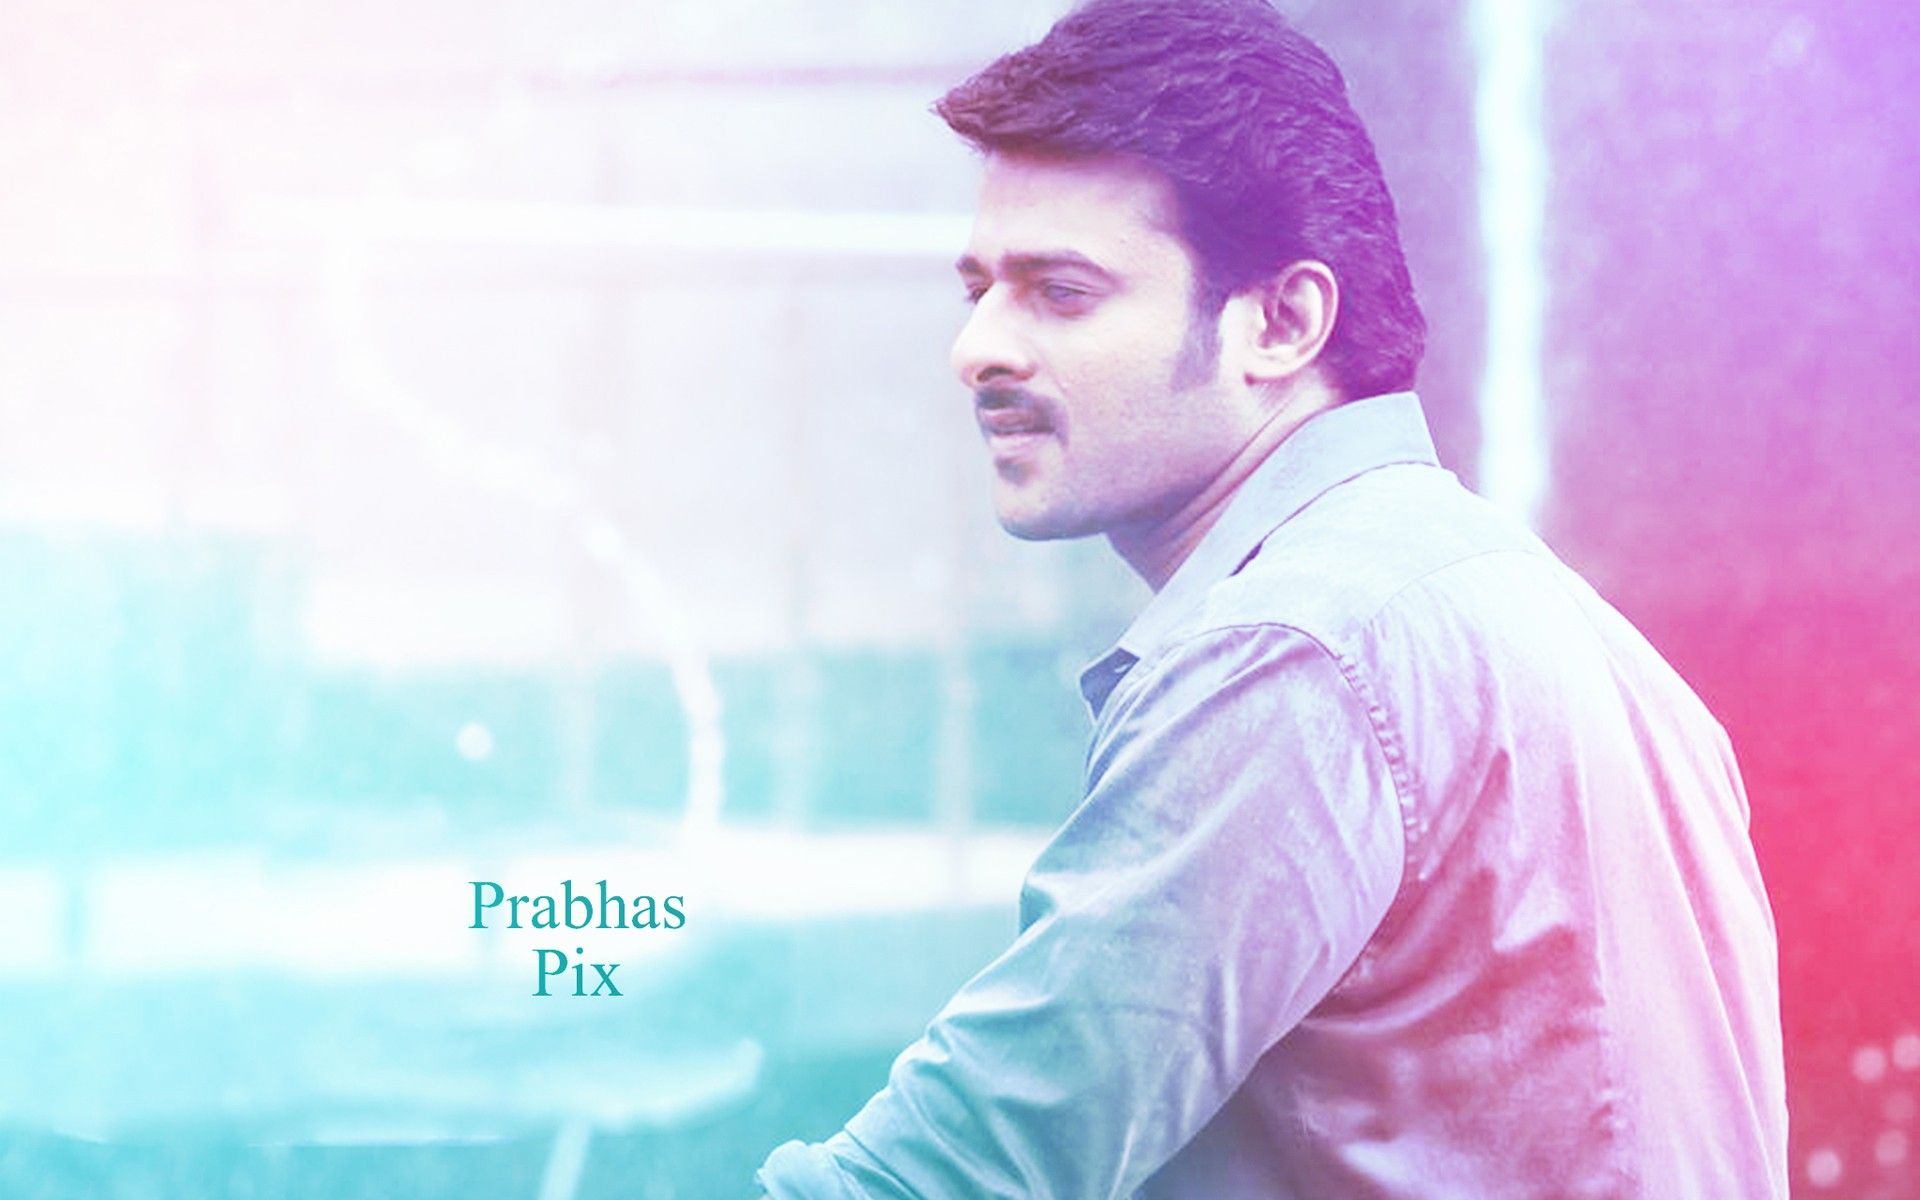 prabhas darling raju uppalapati telugu south indian hero #prabhas